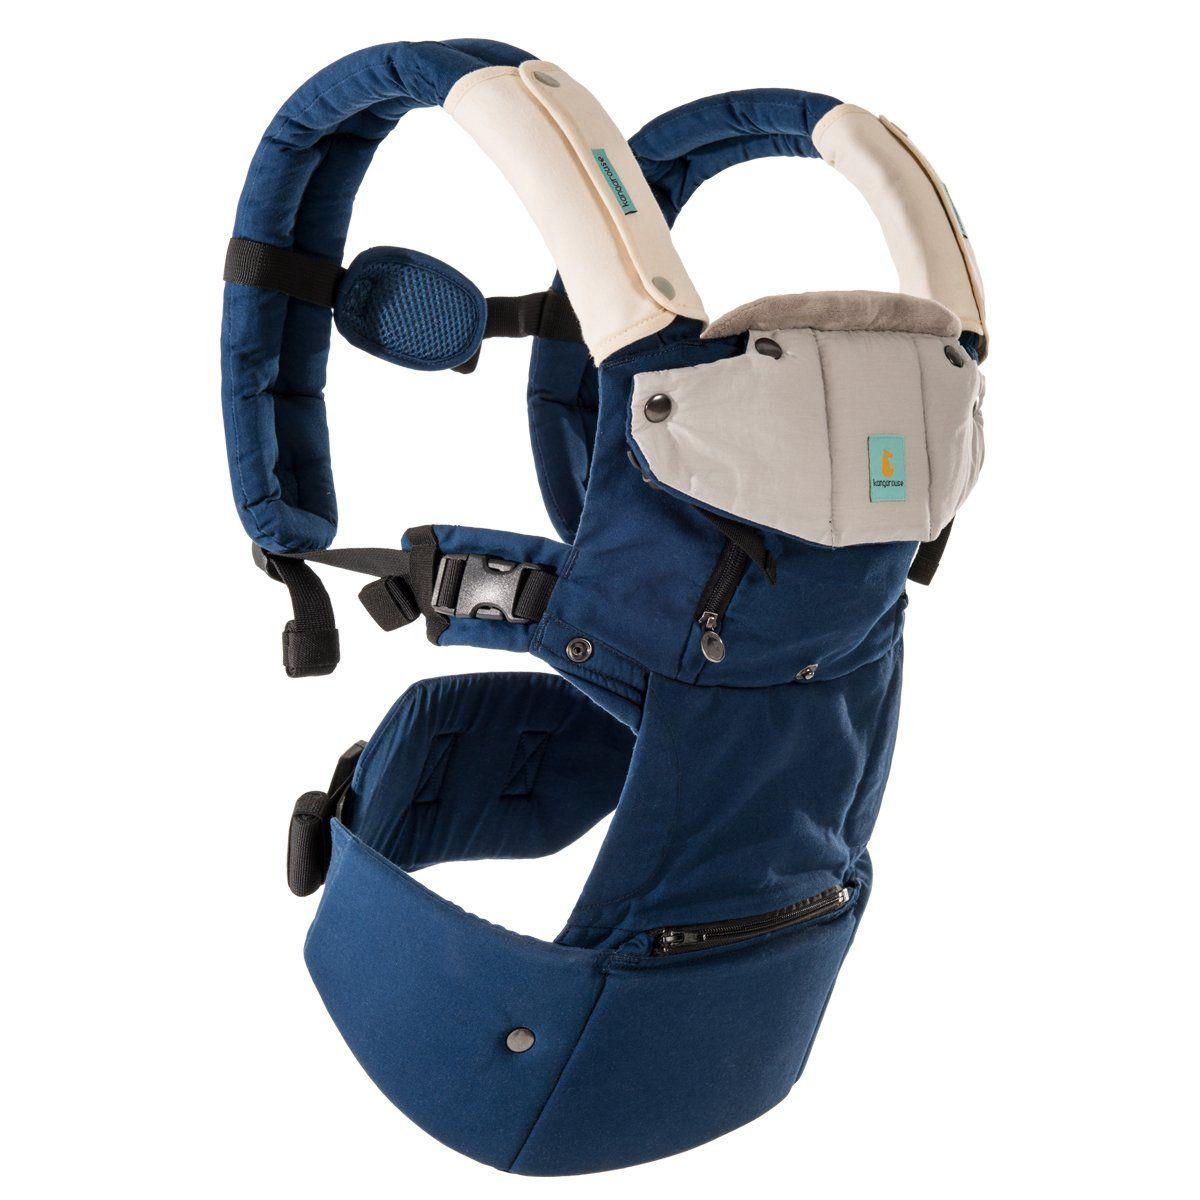 1e2e808cd93 Snugli baby carrier for hiking jpg 1200x1200 Snugli baby carrier for hiking